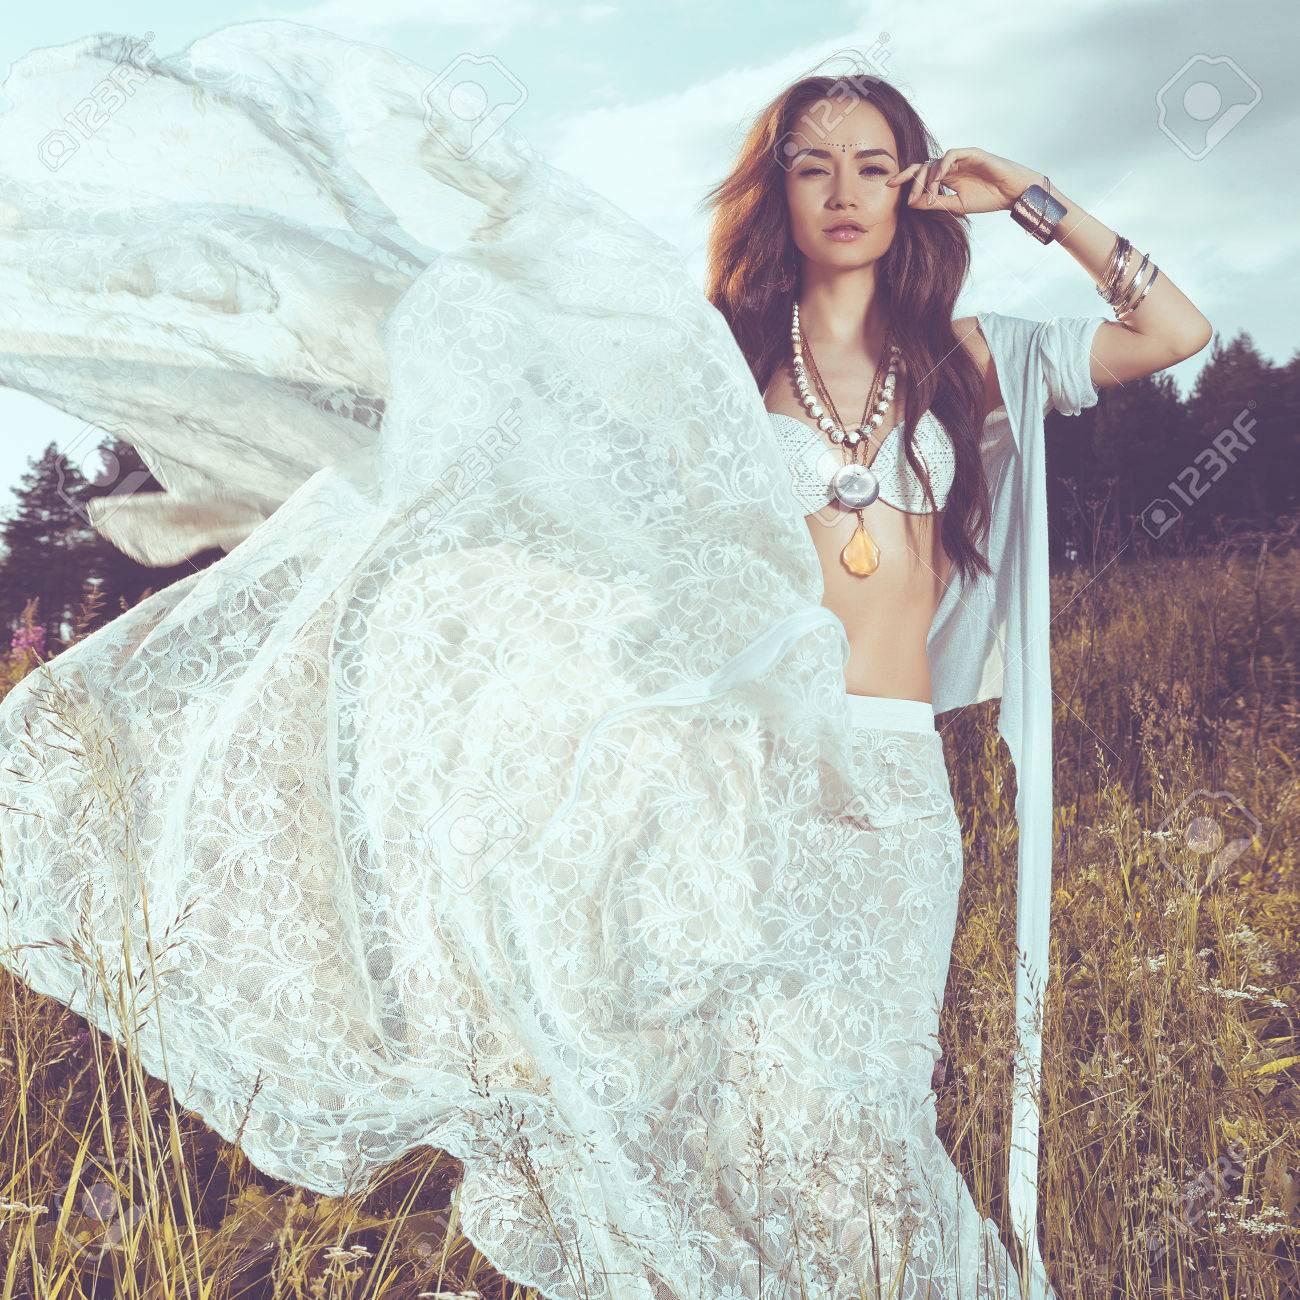 Outdoors Fashion Photo Of Beautiful Bohemian Lady Stock Photo ...